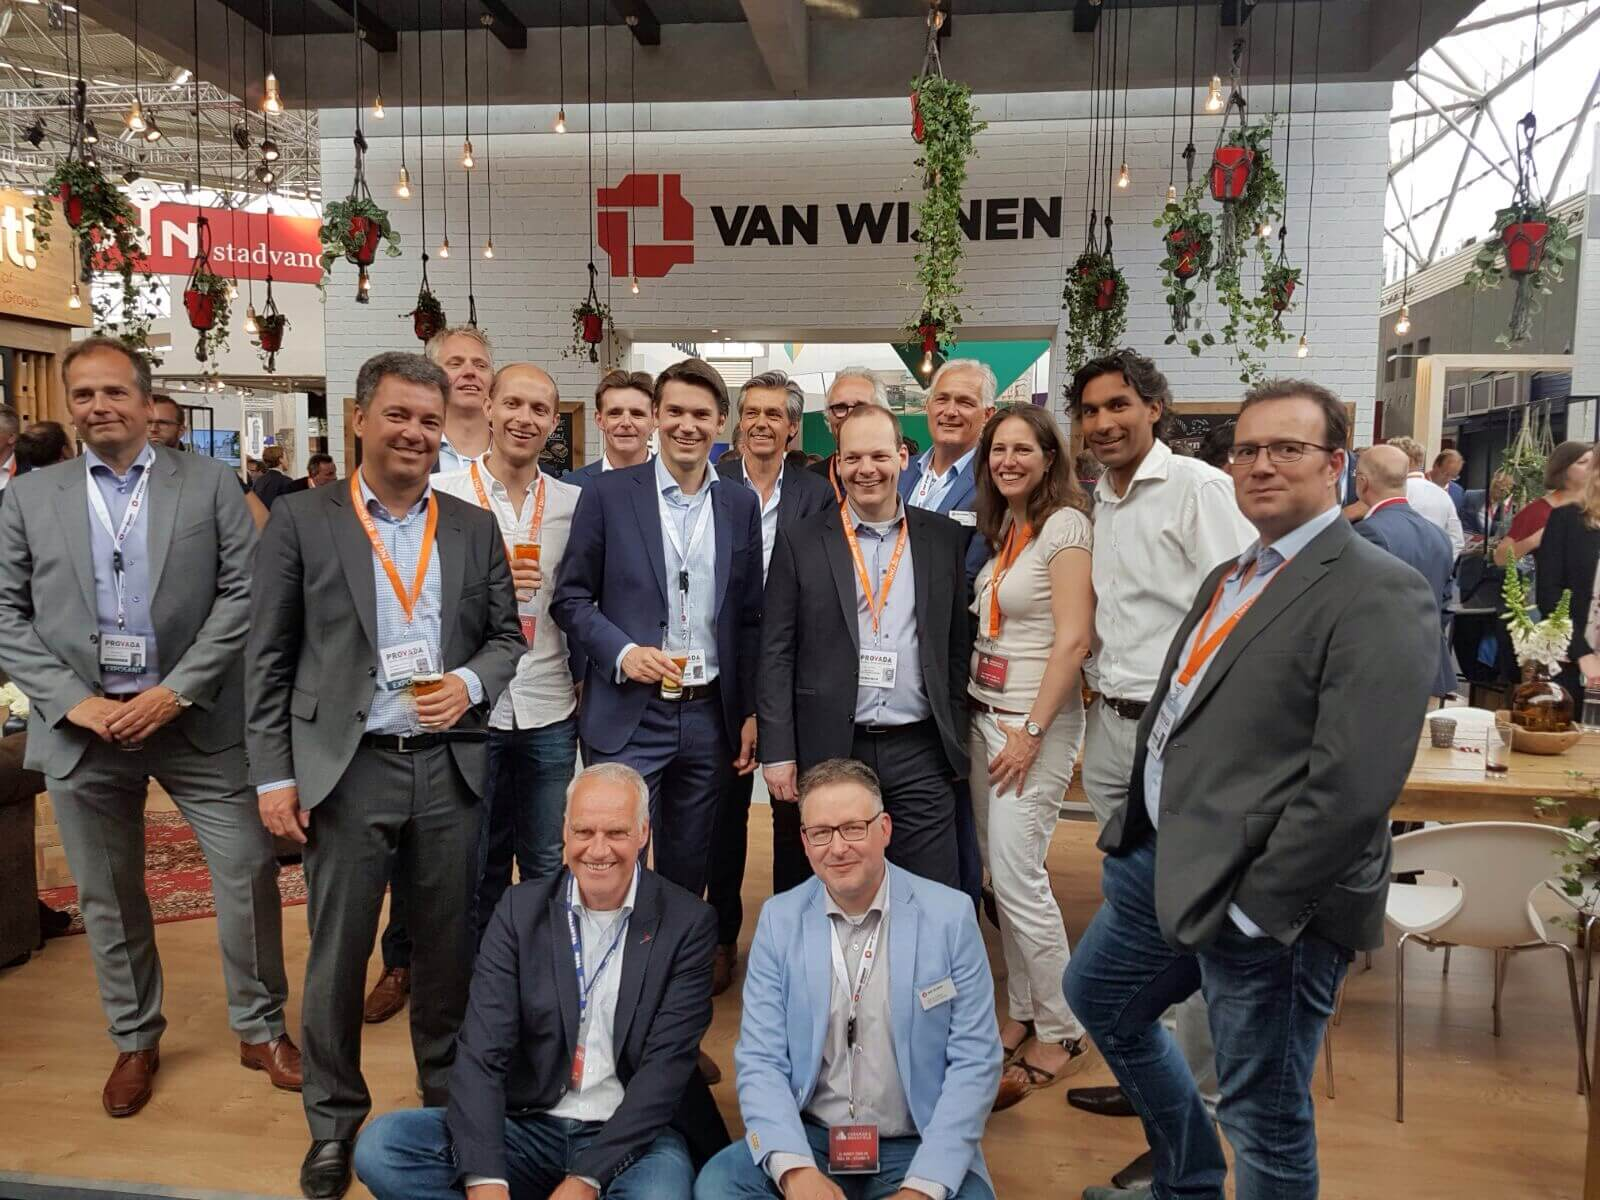 Blij met winnen van ontwikkel- en bouwprijsvraag de Dreef in Utrecht. Nieuwe plek voor 600 studenten!